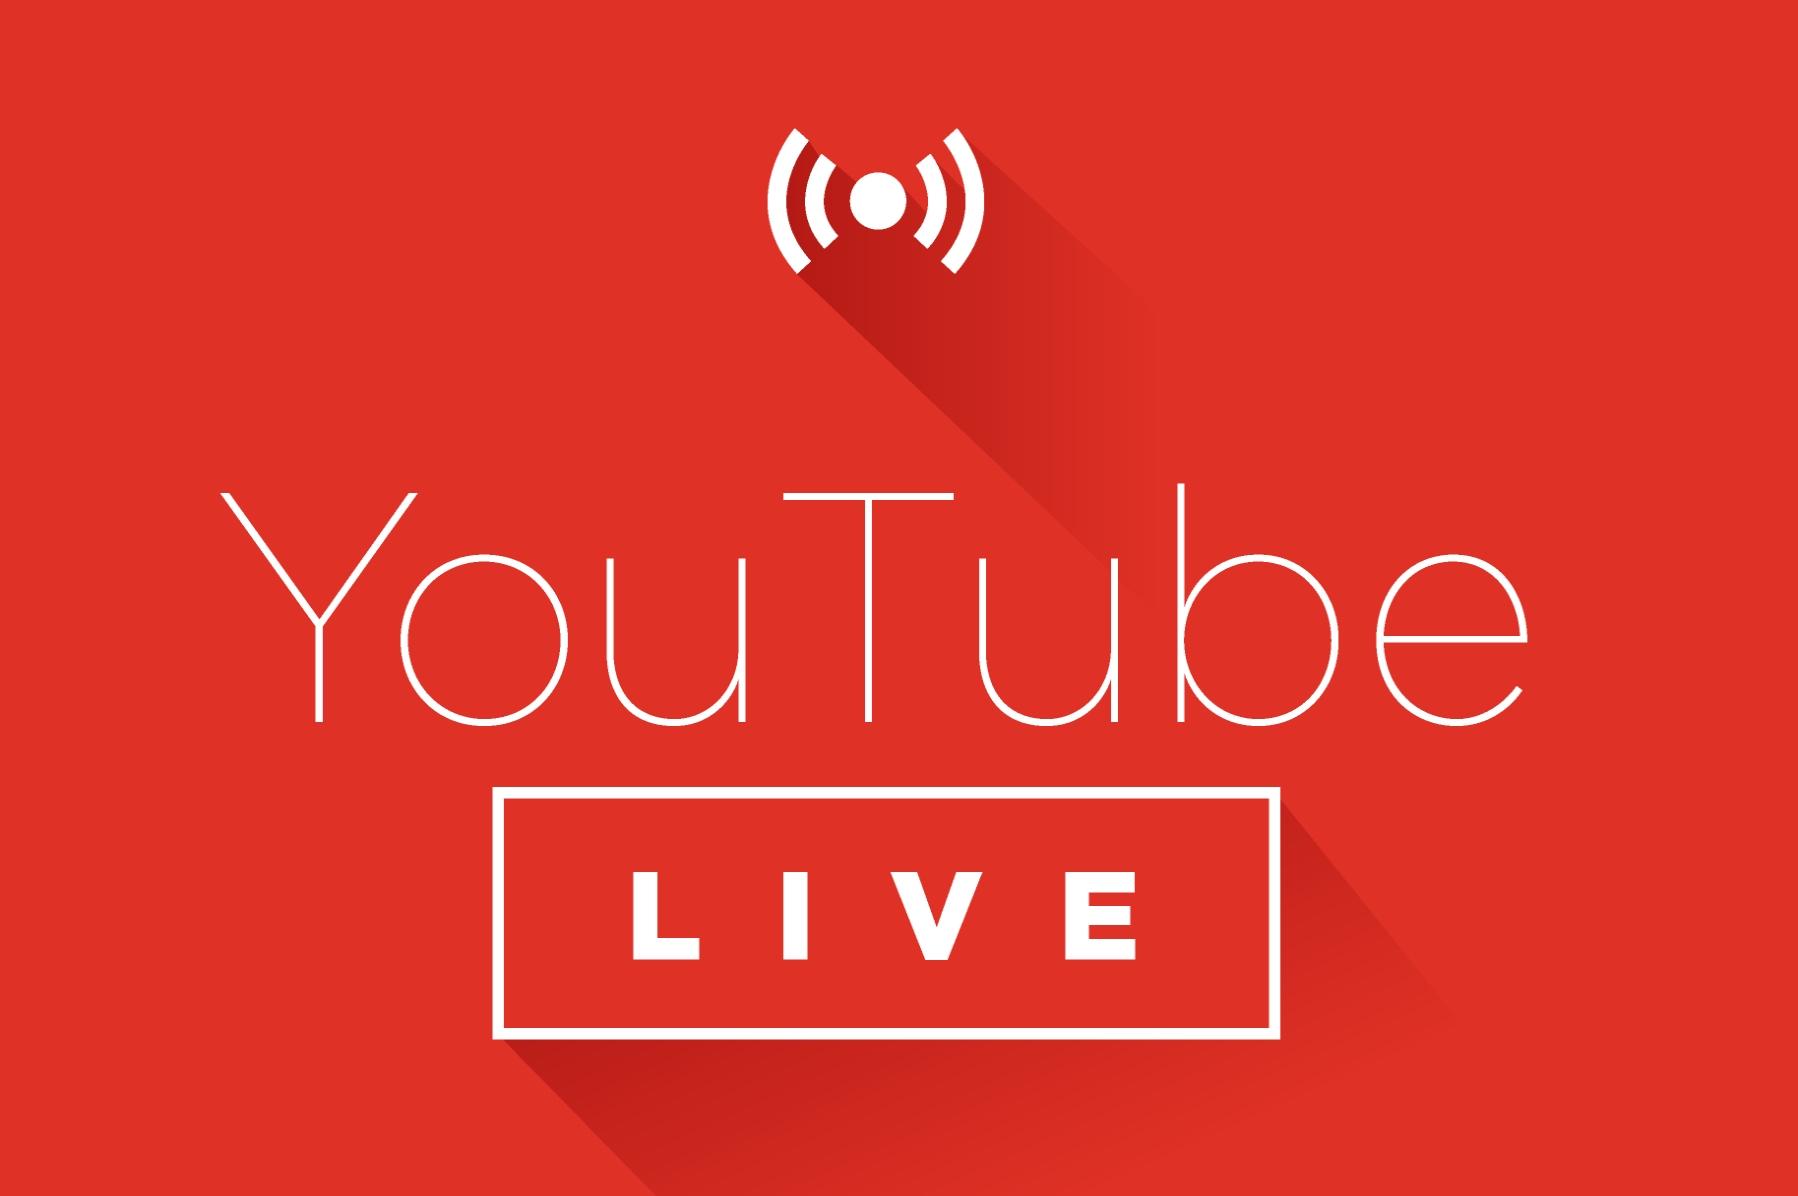 5.-YouTube-live.jpg